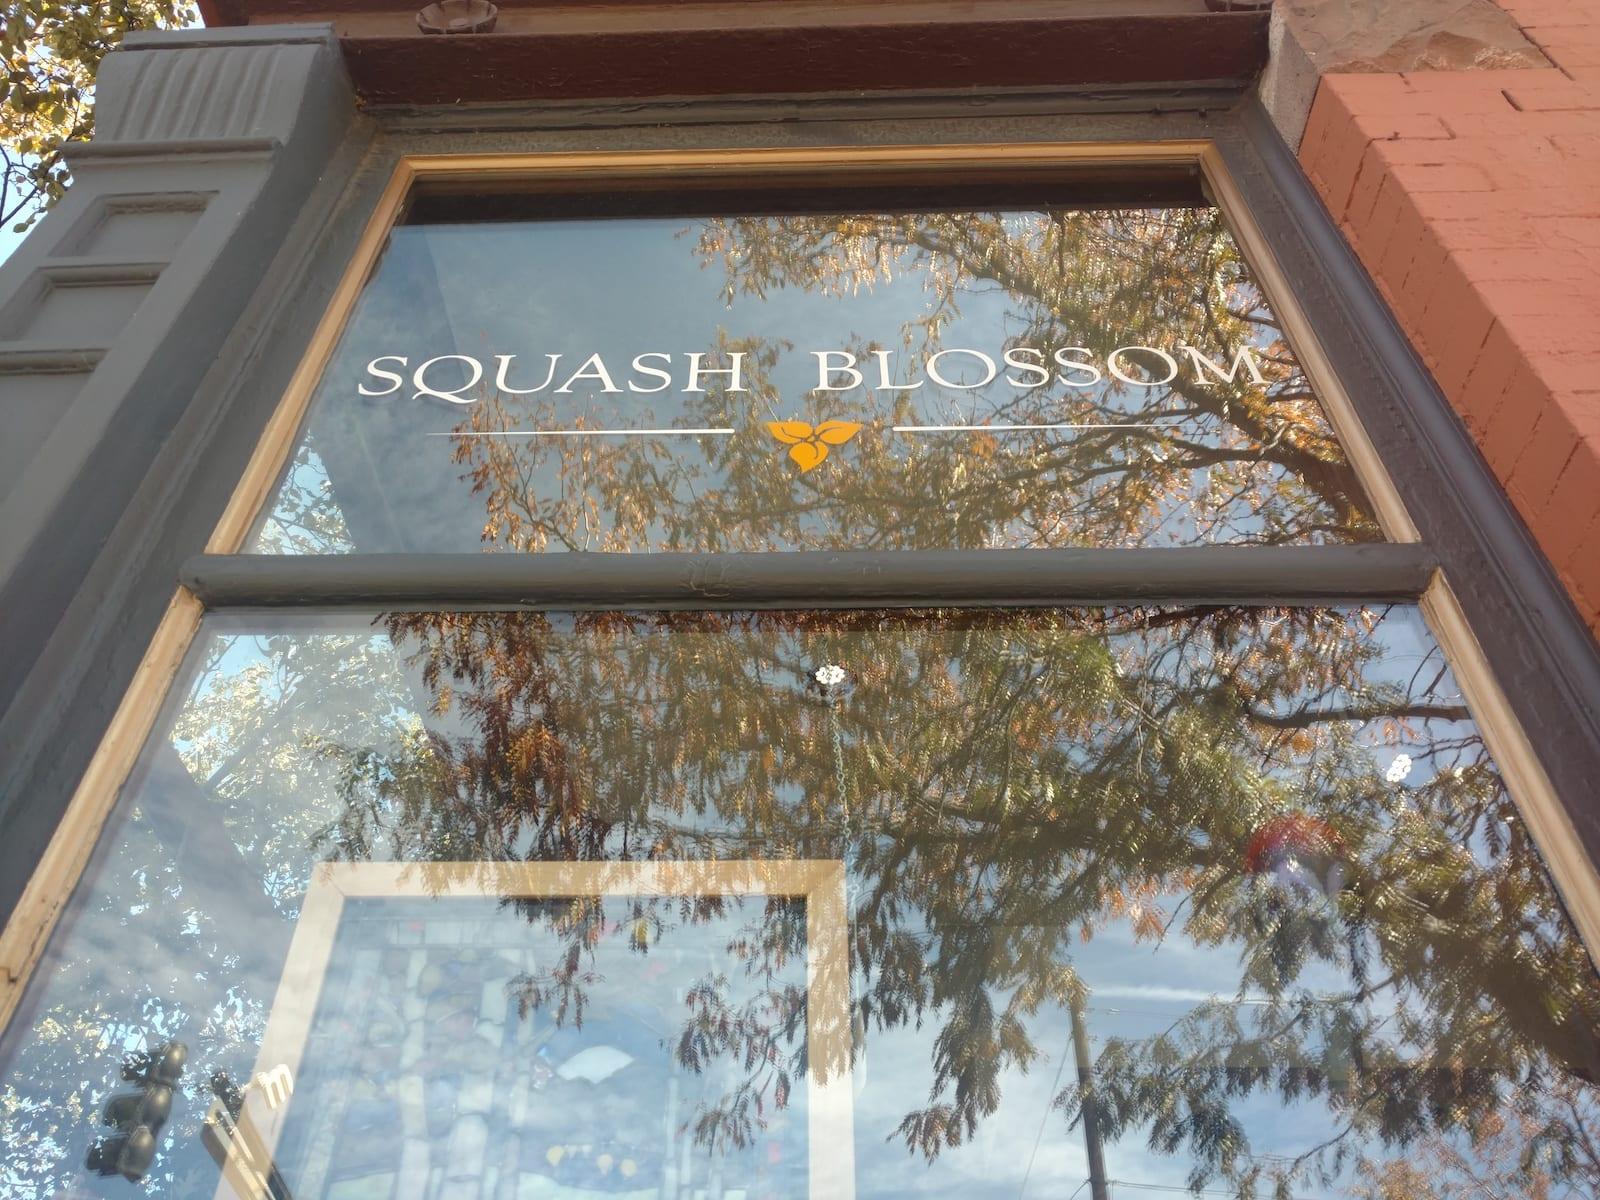 Squash Blossom Old Colorado City ArtWalk